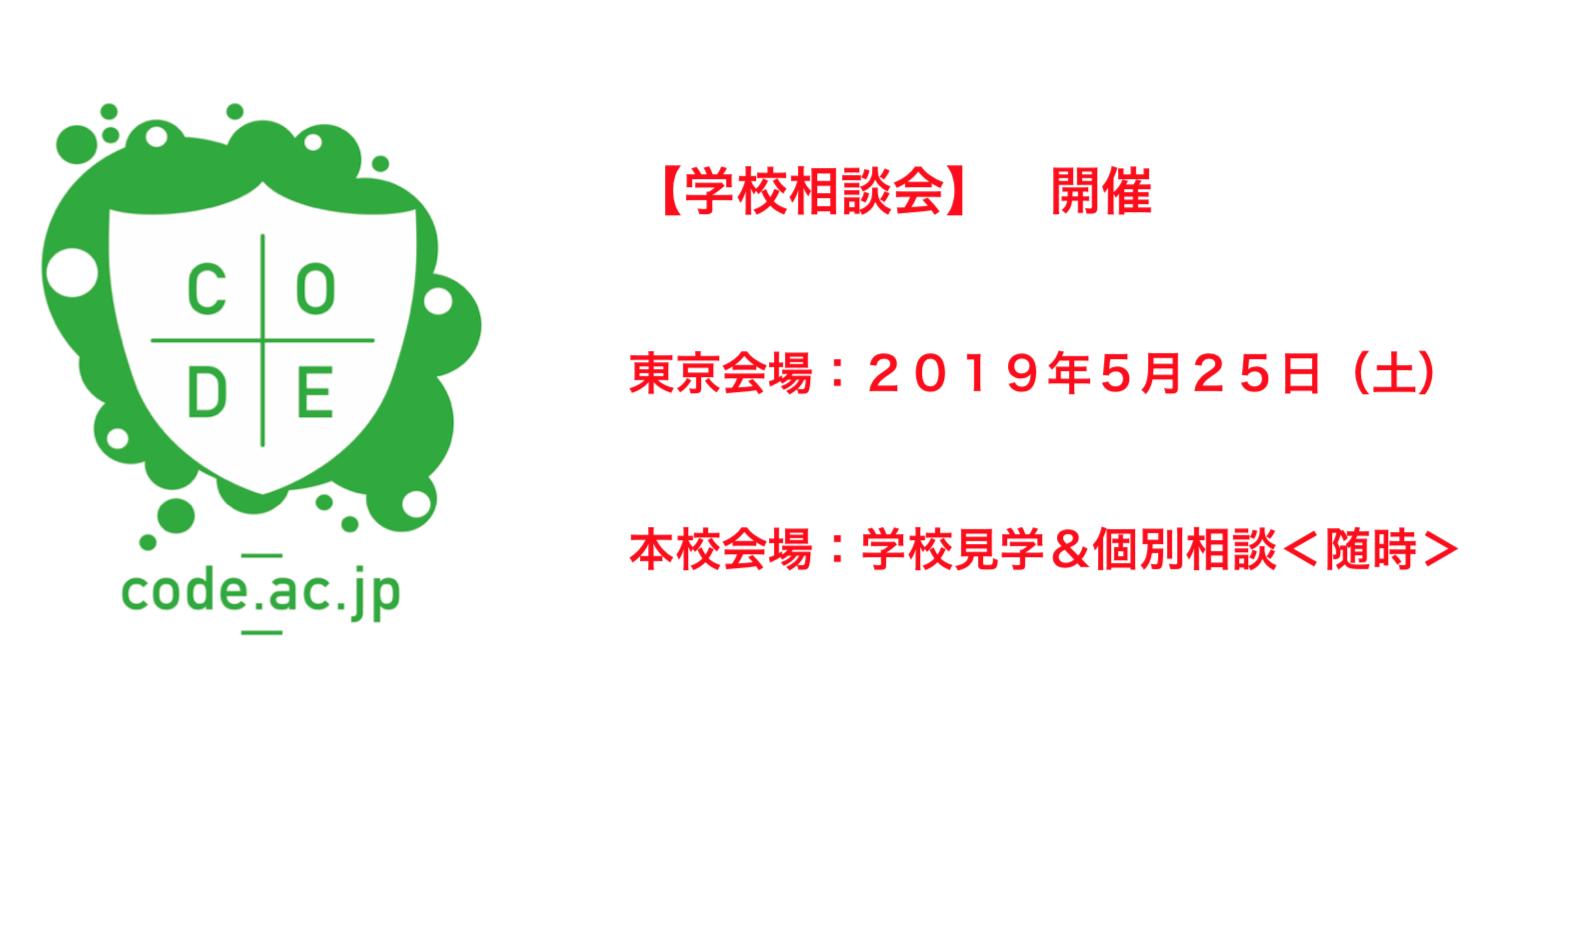 スクリーンショット 2019-05-07 14.05.58.png